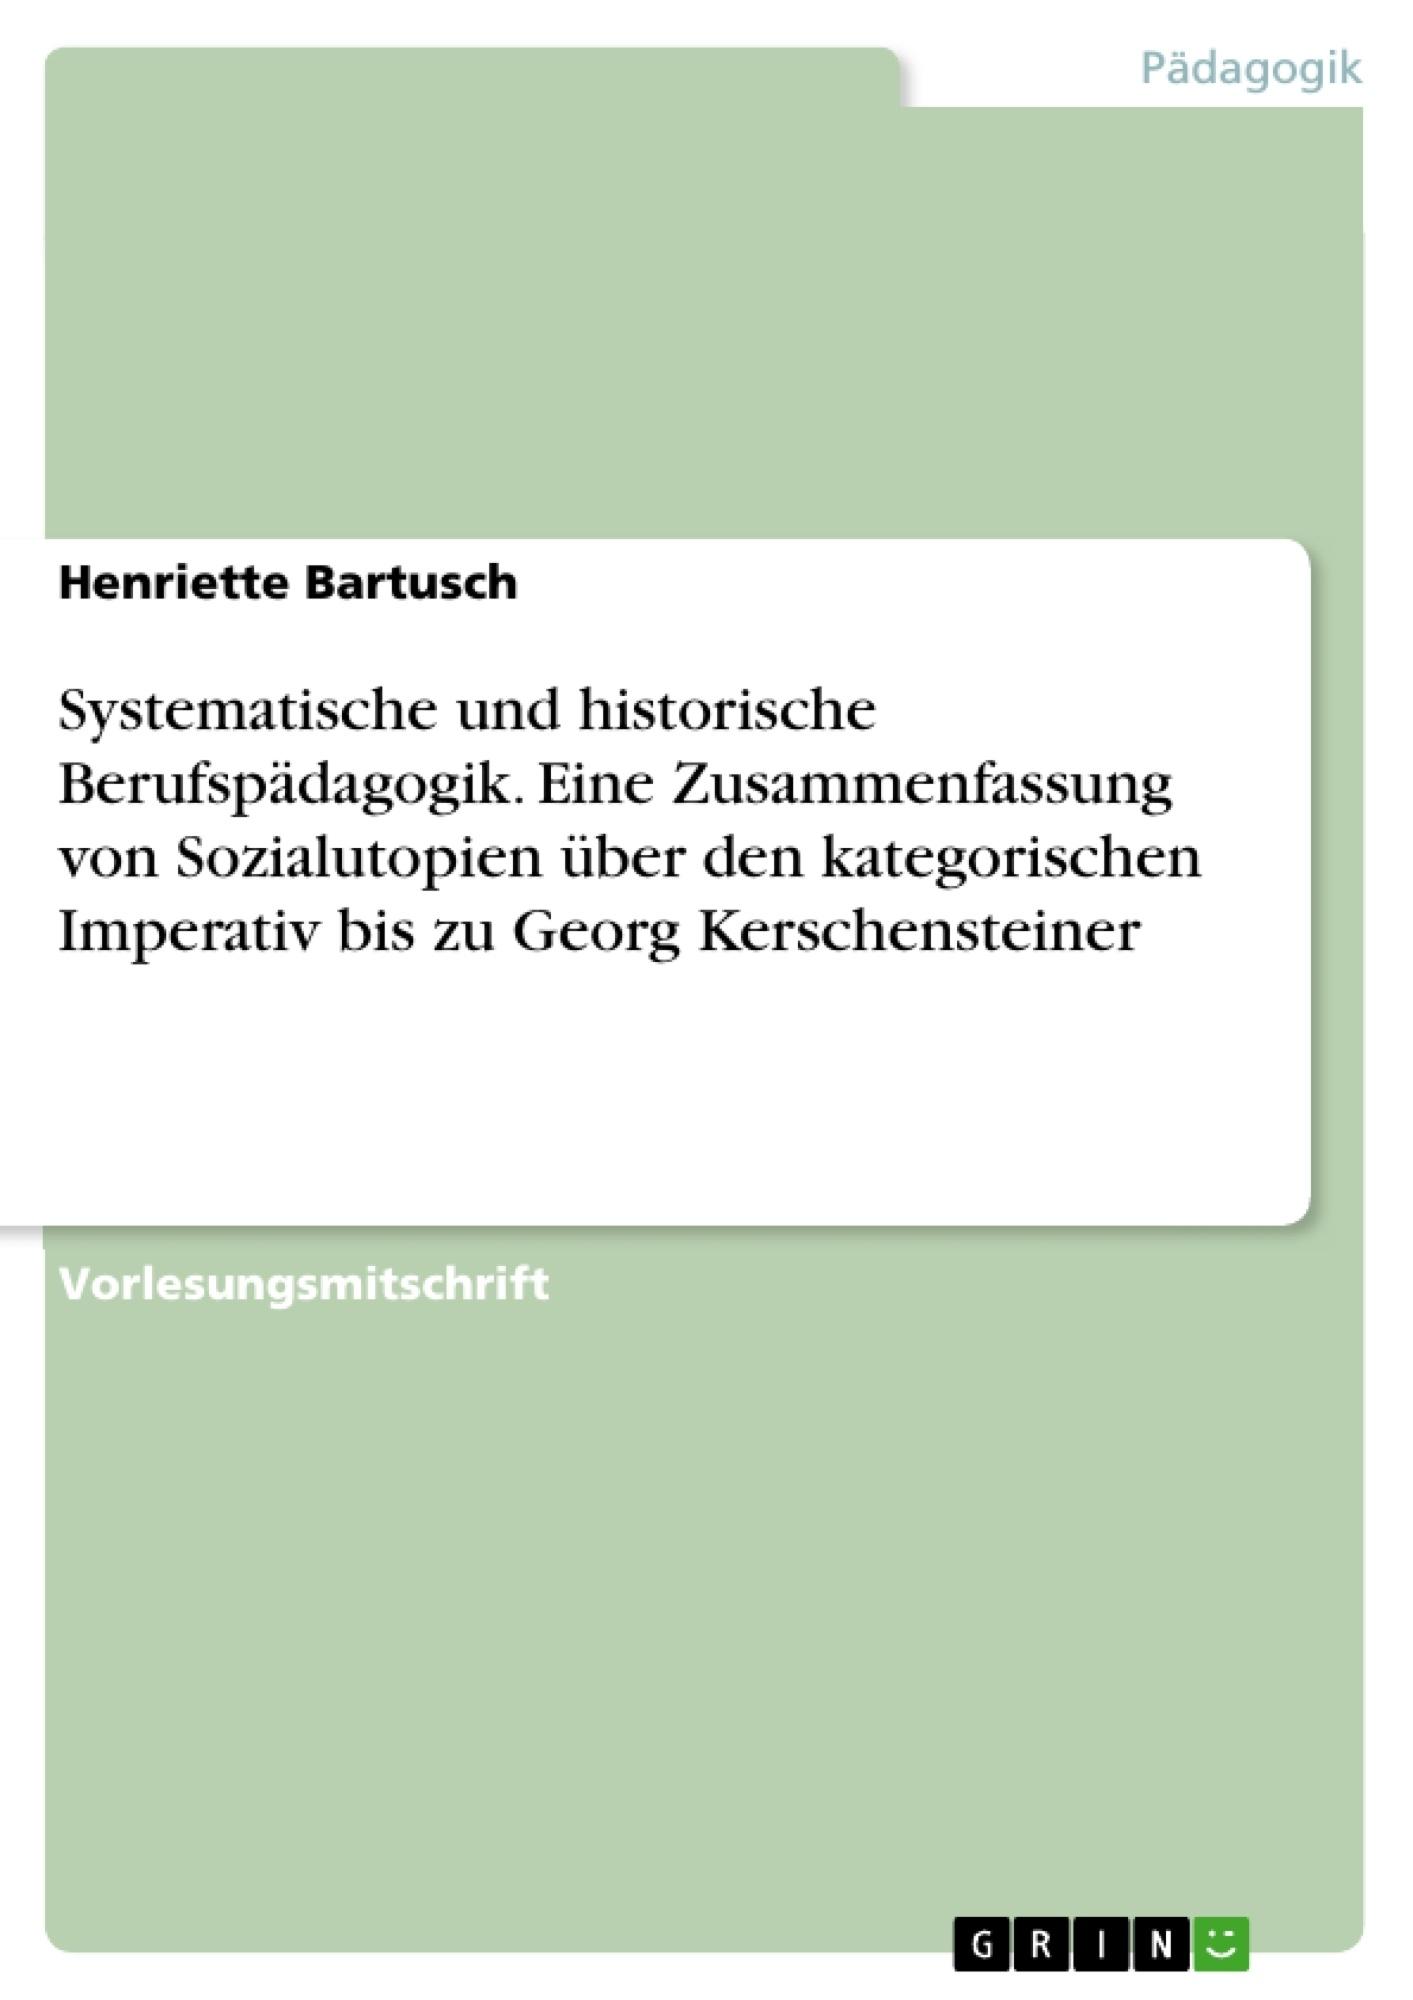 Titel: Systematische und historische Berufspädagogik. Eine Zusammenfassung von Sozialutopien über den kategorischen Imperativ bis zu Georg Kerschensteiner